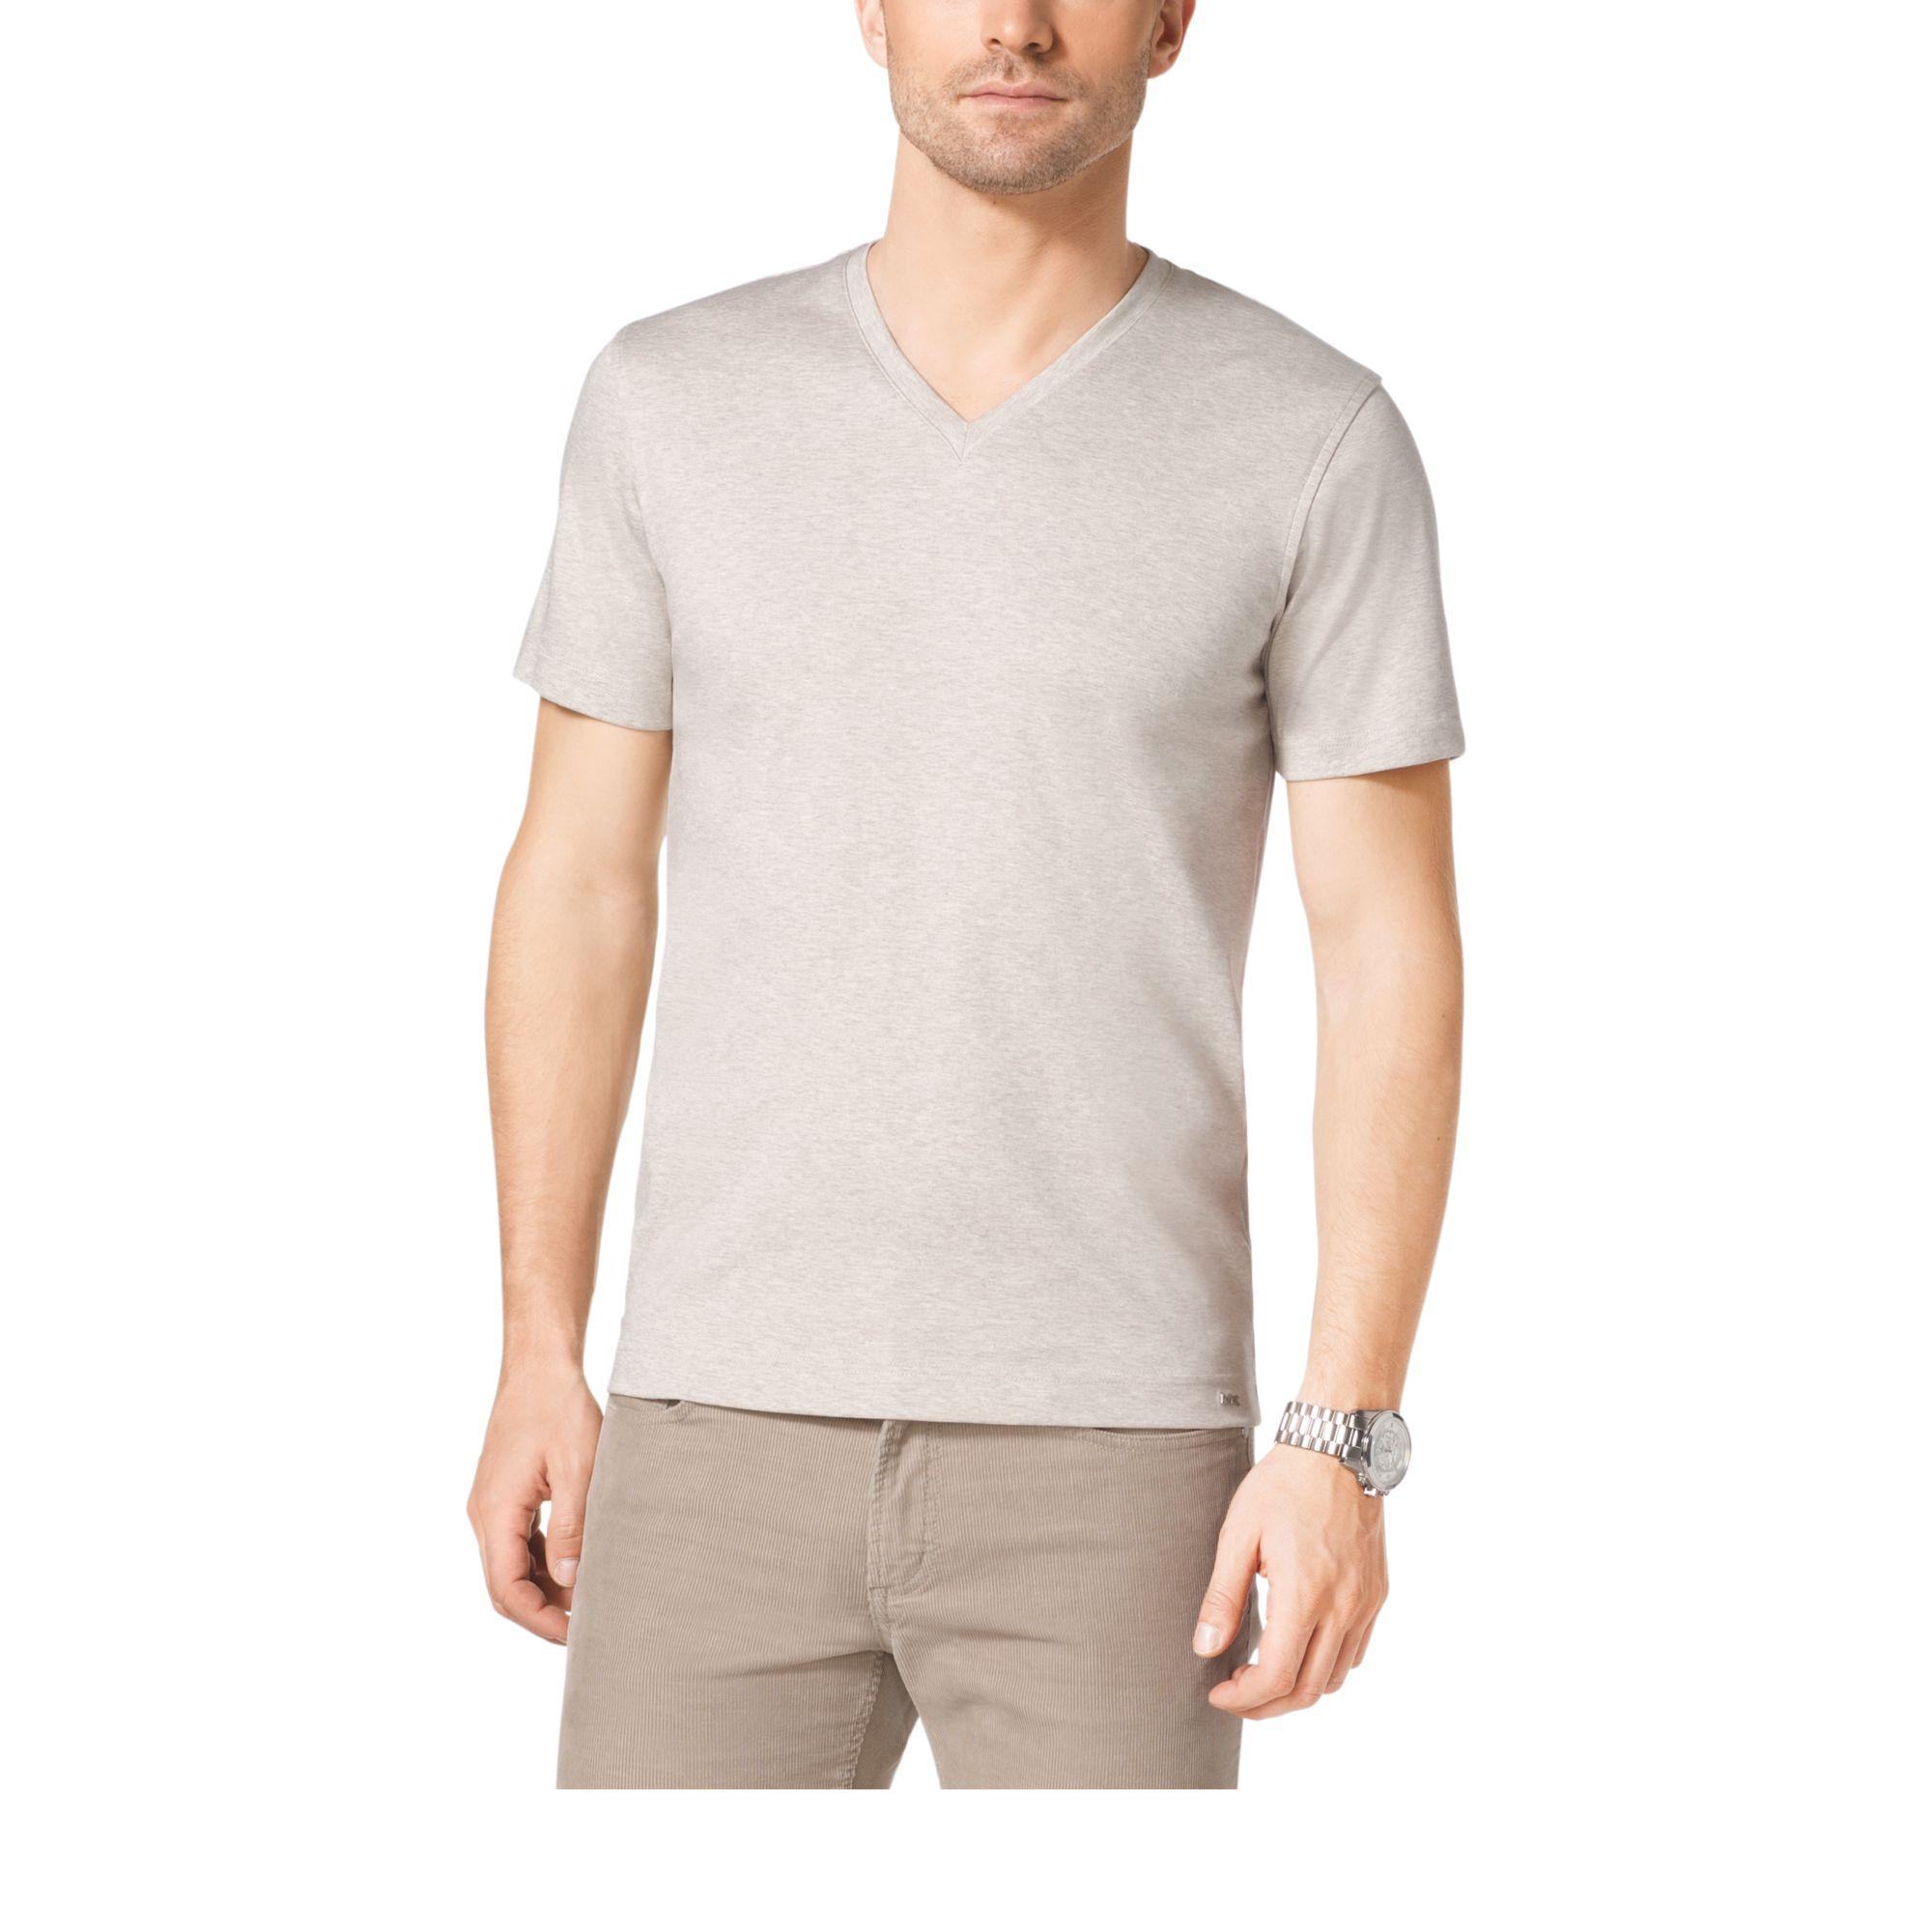 michael kors v neck cotton t shirt in brown for men lyst. Black Bedroom Furniture Sets. Home Design Ideas